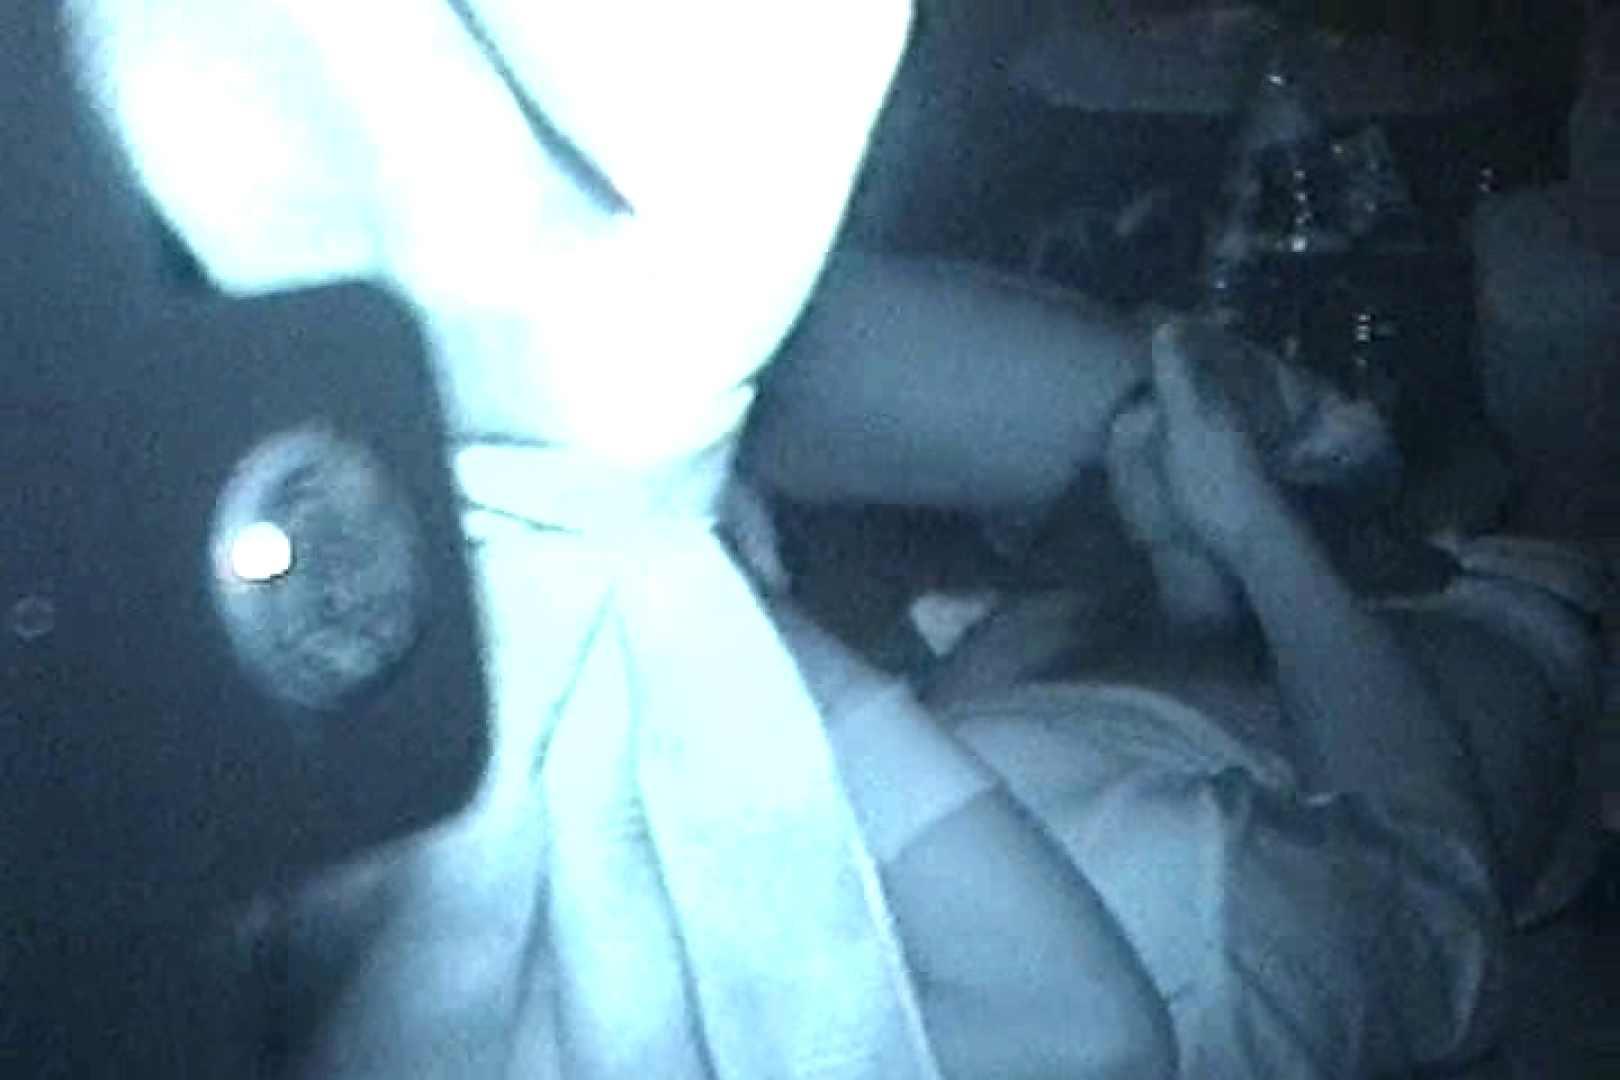 充血監督の深夜の運動会Vol.21 OLの実態 盗撮おめこ無修正動画無料 95pic 77